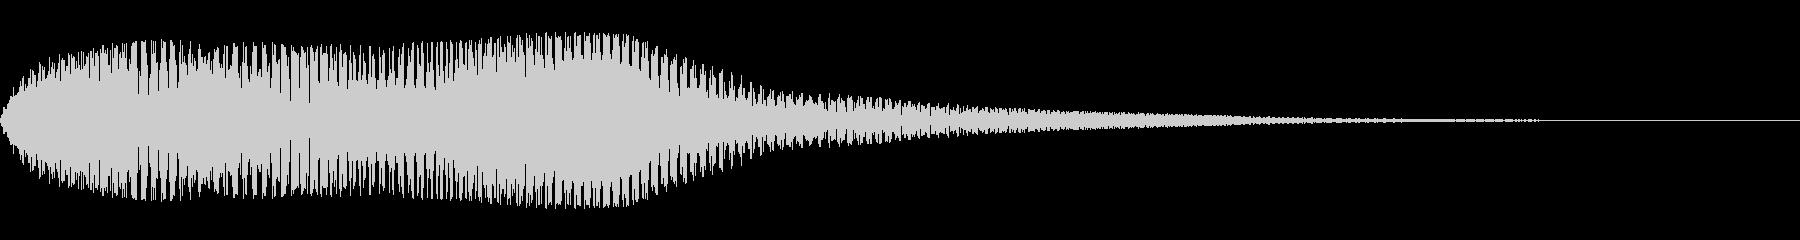 ブーン:不穏なイメージの短いベース音の未再生の波形